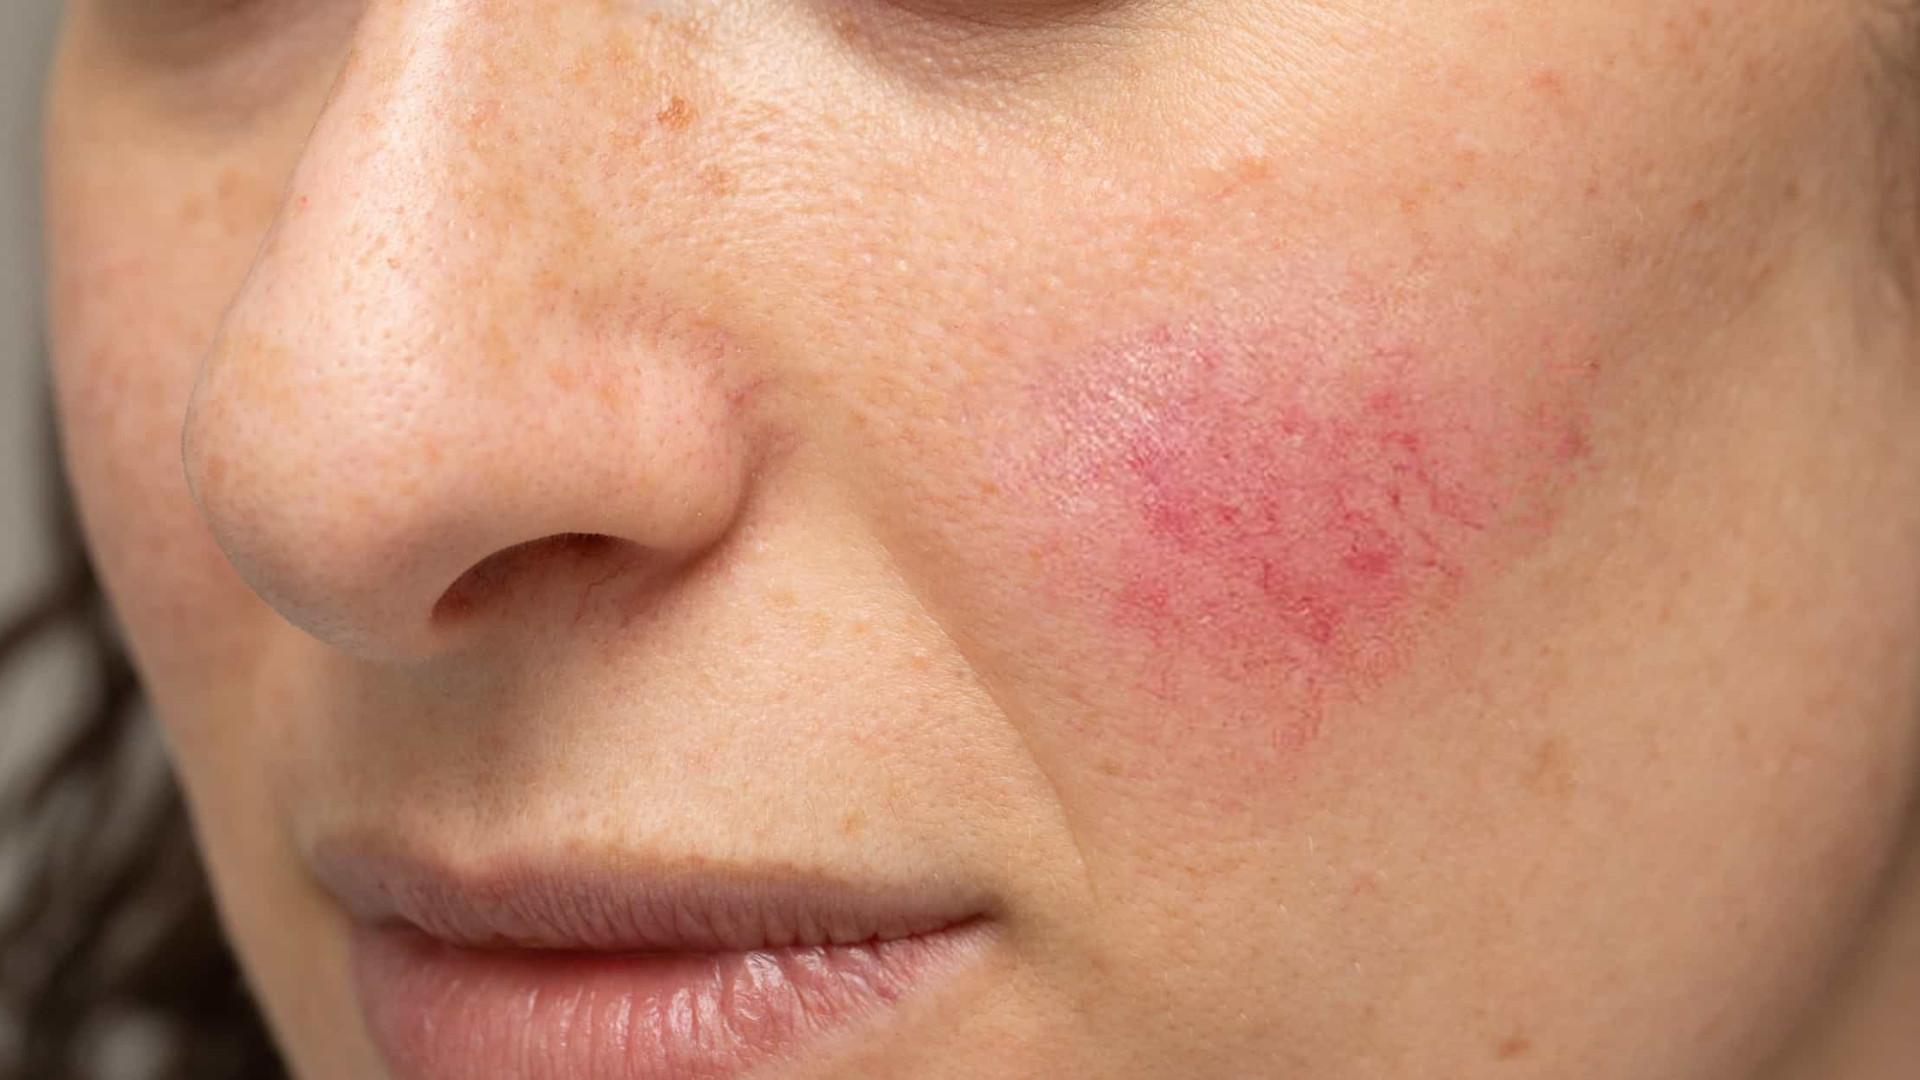 Saiba tudo sobre a Rosácea, doença vascular crônica e inflamatória